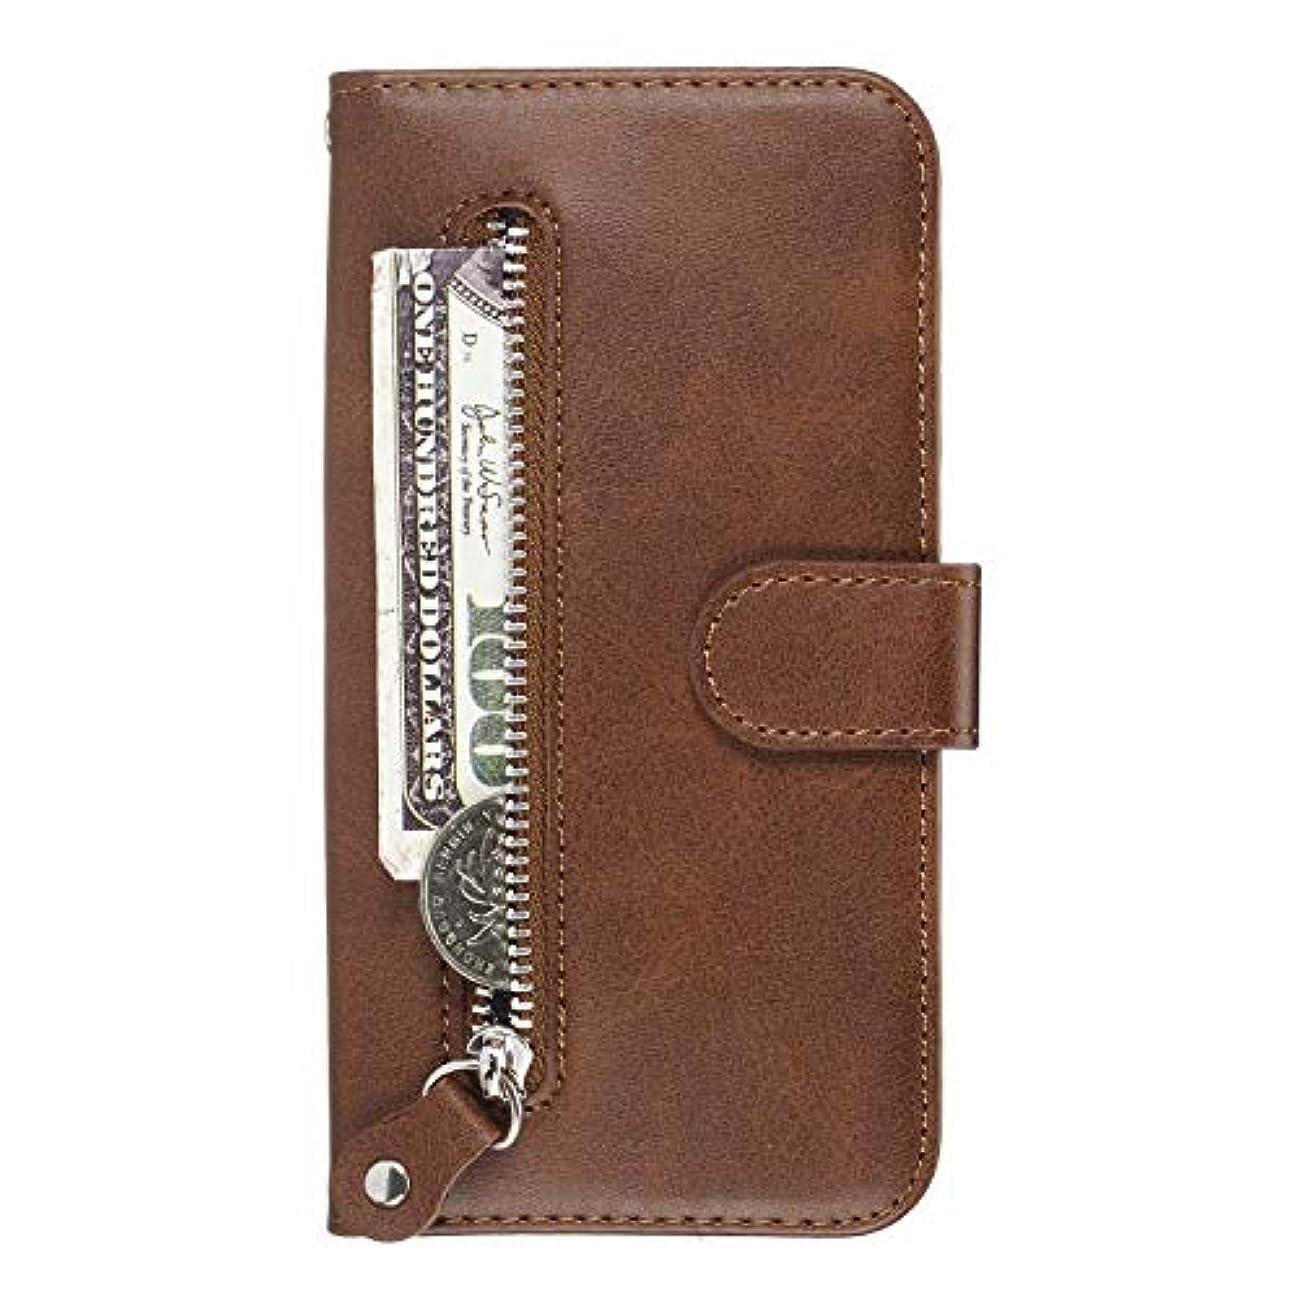 インスタント方法遊具OMATENTI iPhone XR ケース, 軽量 PUレザー 薄型 簡約風 人気カバー バックケース iPhone XR 用 Case Cover, 液晶保護 カード収納, 財布とコインポケット付き, 褐色